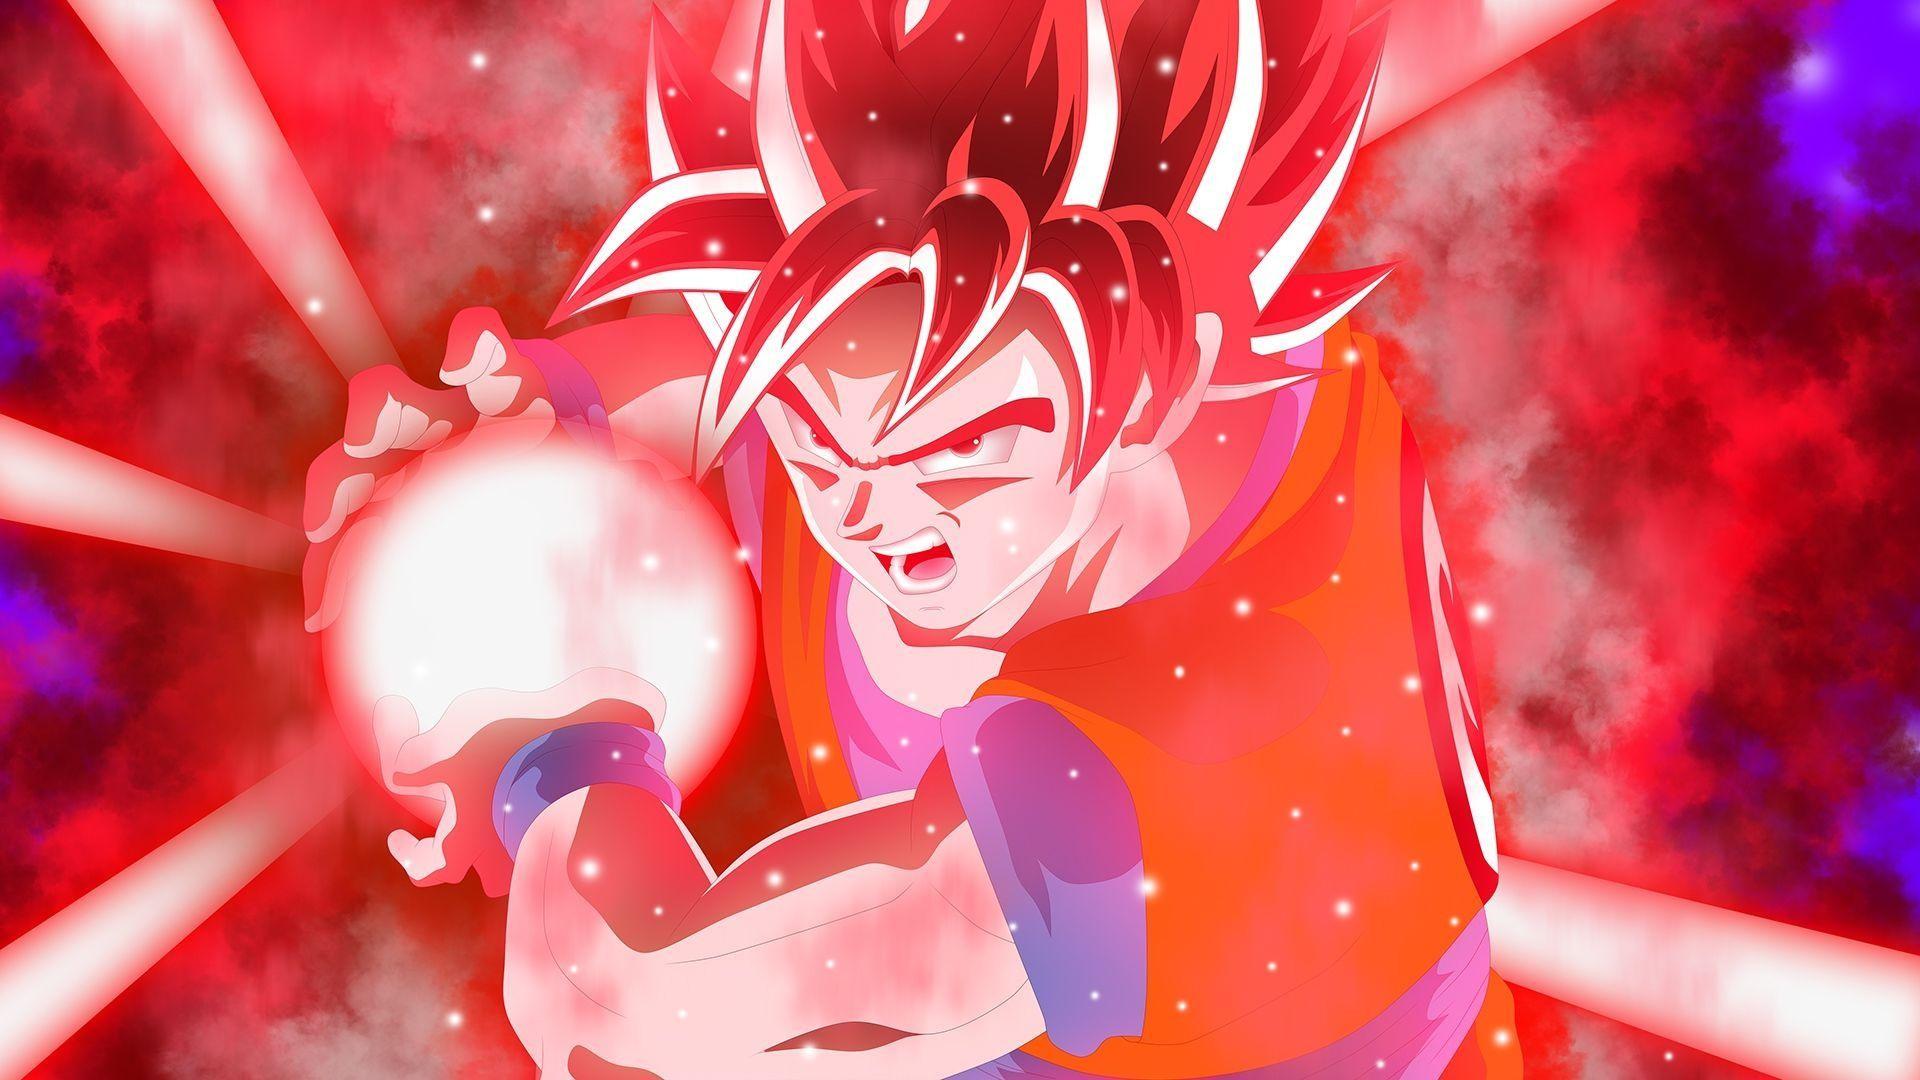 Goku Kamehame Wave Super Saiyan God … Wallpaper #42174